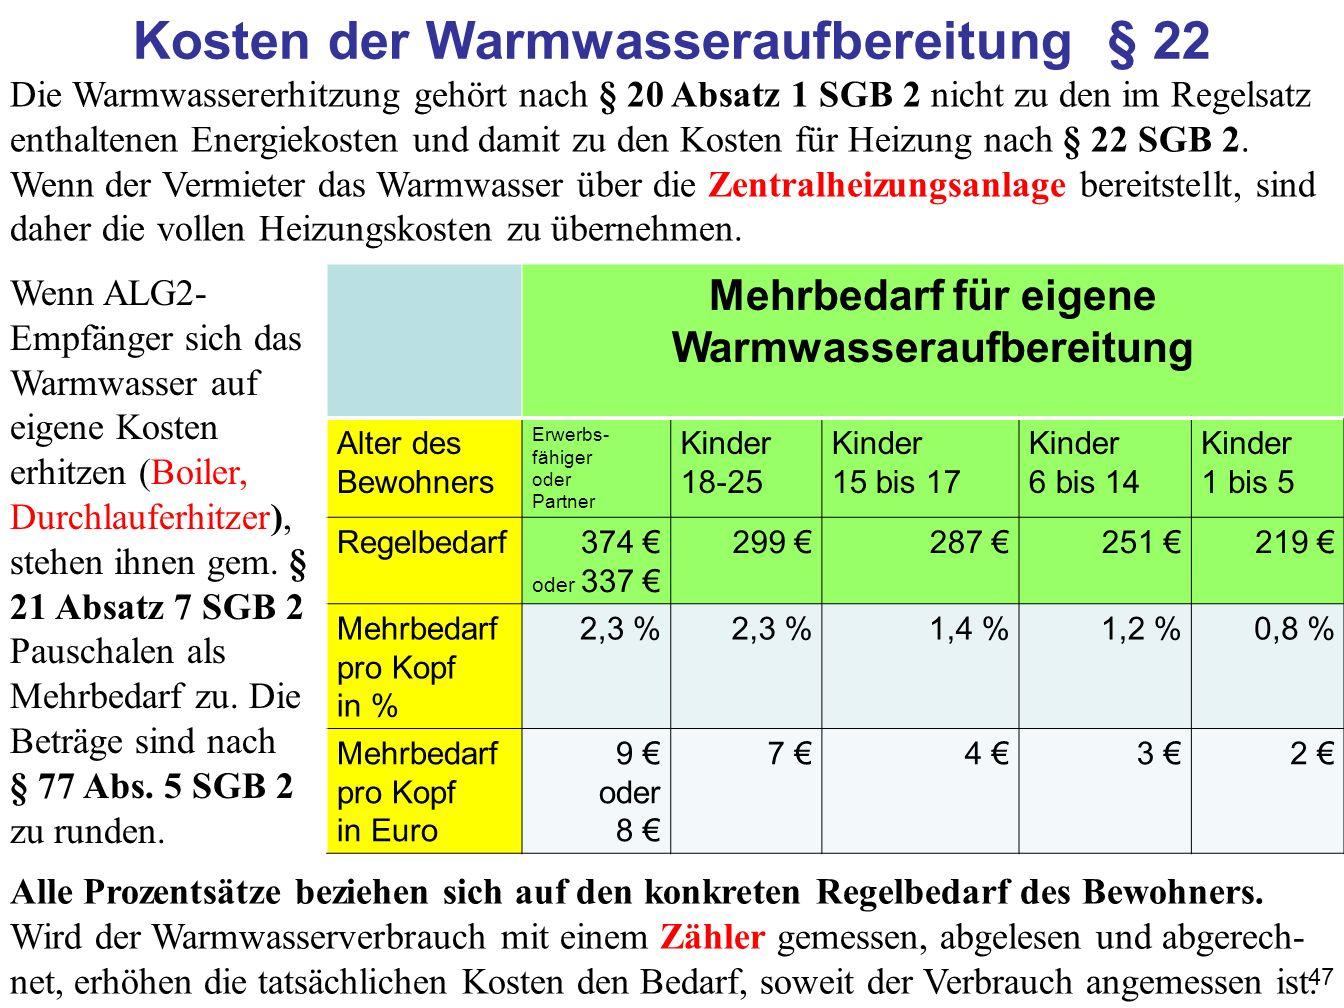 47 Kosten der Warmwasseraufbereitung § 22 Mehrbedarf für eigene Warmwasseraufbereitung Alter des Bewohners Erwerbs- fähiger oder Partner Kinder 18-25 Kinder 15 bis 17 Kinder 6 bis 14 Kinder 1 bis 5 Regelbedarf374 oder 337 299 287 251 219 Mehrbedarf pro Kopf in % 2,3 % 1,4 %1,2 %0,8 % Mehrbedarf pro Kopf in Euro 9 oder 8 7 4 3 2 Wenn ALG2- Empfänger sich das Warmwasser auf eigene Kosten erhitzen (Boiler, Durchlauferhitzer), stehen ihnen gem.